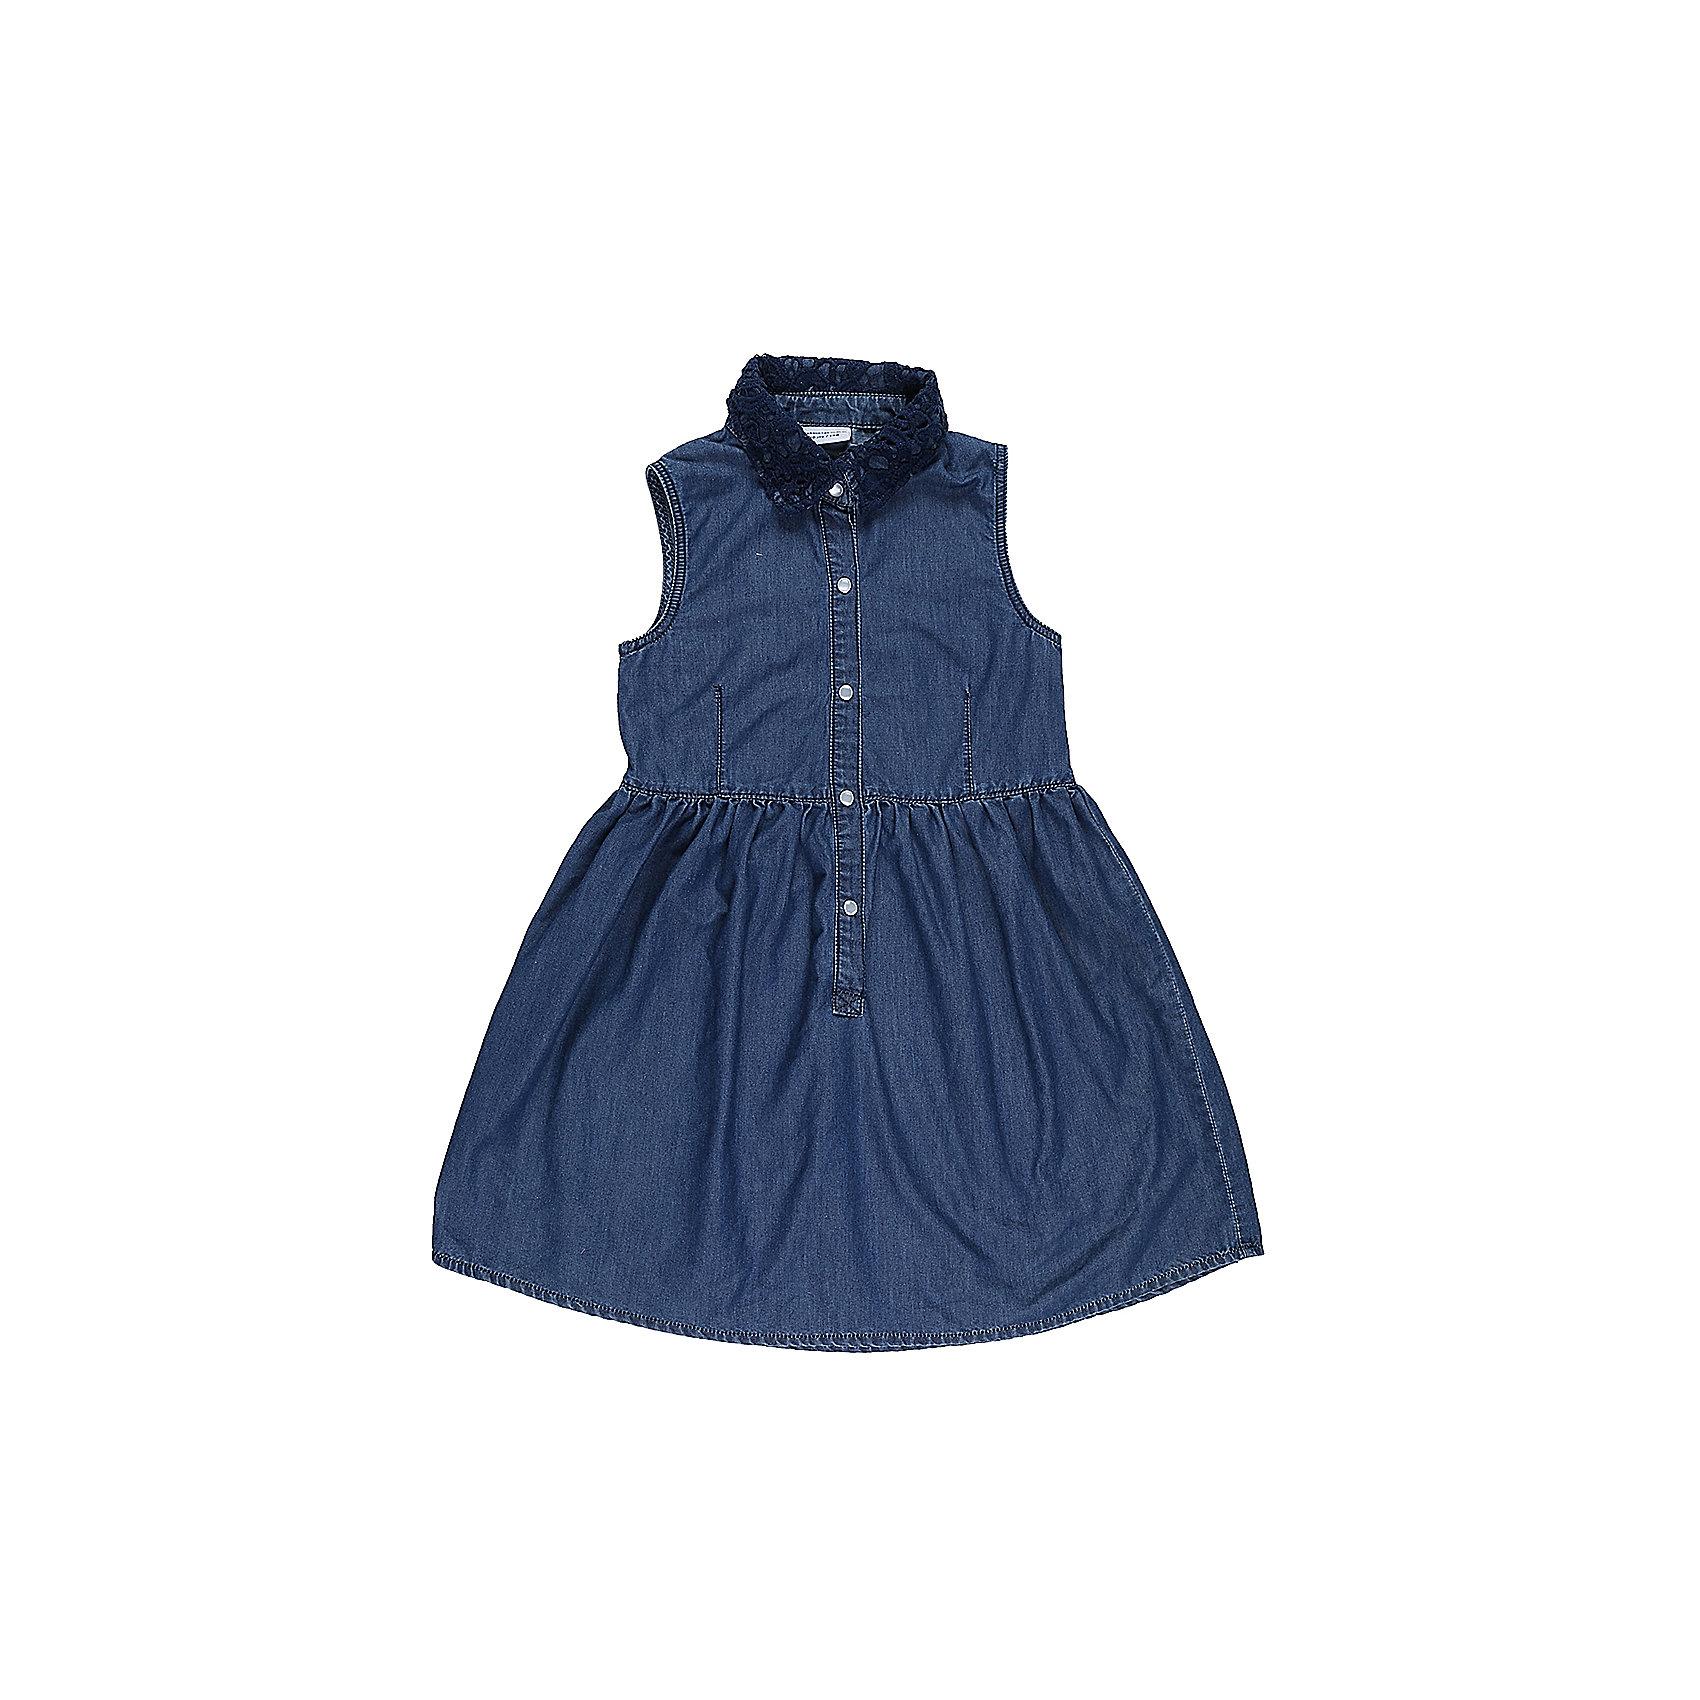 Платье джинсовое для девочки LuminosoДжинсовая одежда<br>Платье для девочки из тонкого хлопка под джину с отлаженным воротничком. воротничок декорирован кружевным плетением. Застегивается на кнопки. Приталенный крой.<br>Состав:<br>100%хлопок<br><br>Ширина мм: 236<br>Глубина мм: 16<br>Высота мм: 184<br>Вес г: 177<br>Цвет: синий<br>Возраст от месяцев: 96<br>Возраст до месяцев: 108<br>Пол: Женский<br>Возраст: Детский<br>Размер: 134,140,146,152,158,164<br>SKU: 5412996